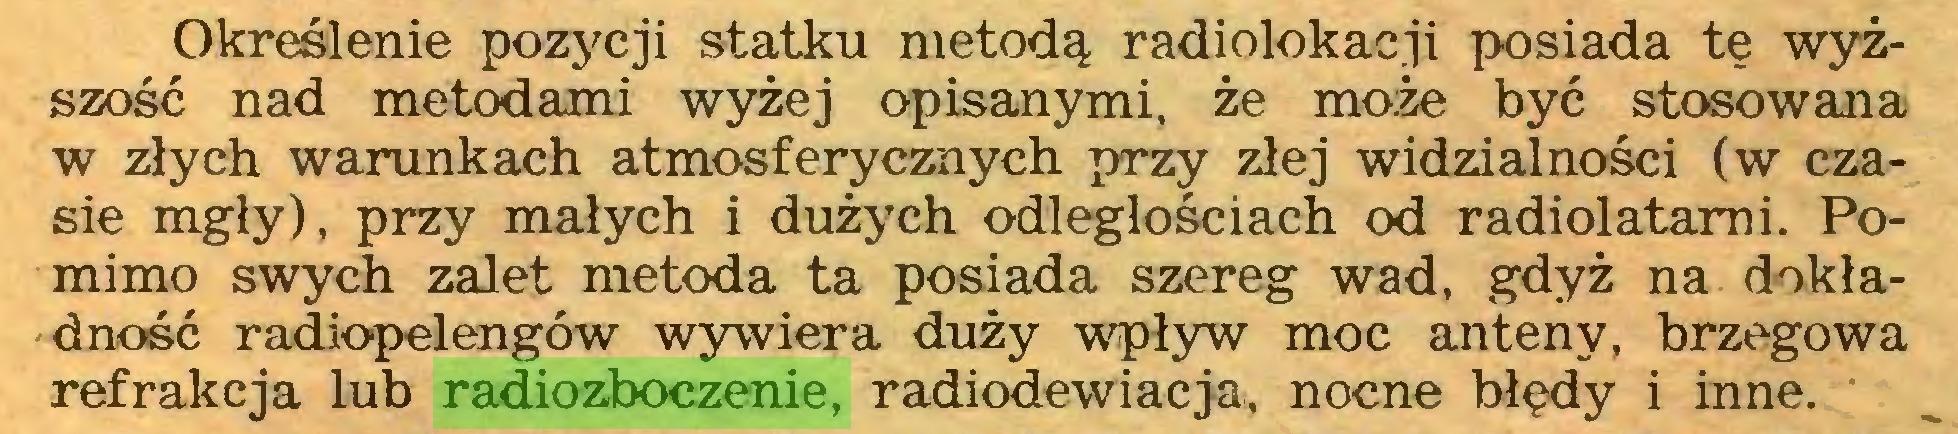 (...) Określenie pozycji statku metodą radiolokacji posiada tę wyższość nad metodami wyżej opisanymi, że może być stosowana w złych warunkach atmosferycznych przy złej widzialności (w czasie mgły), przy małych i dużych odległościach od radiolatami. Pomimo swych zalet metoda ta posiada szereg wad, gdyż na dokładność radiopelengów wywiera duży wpływ moc anteny, brzegowa refrakcja lub radiozboczenie, radiodewiacja, nocne błędy i inne...